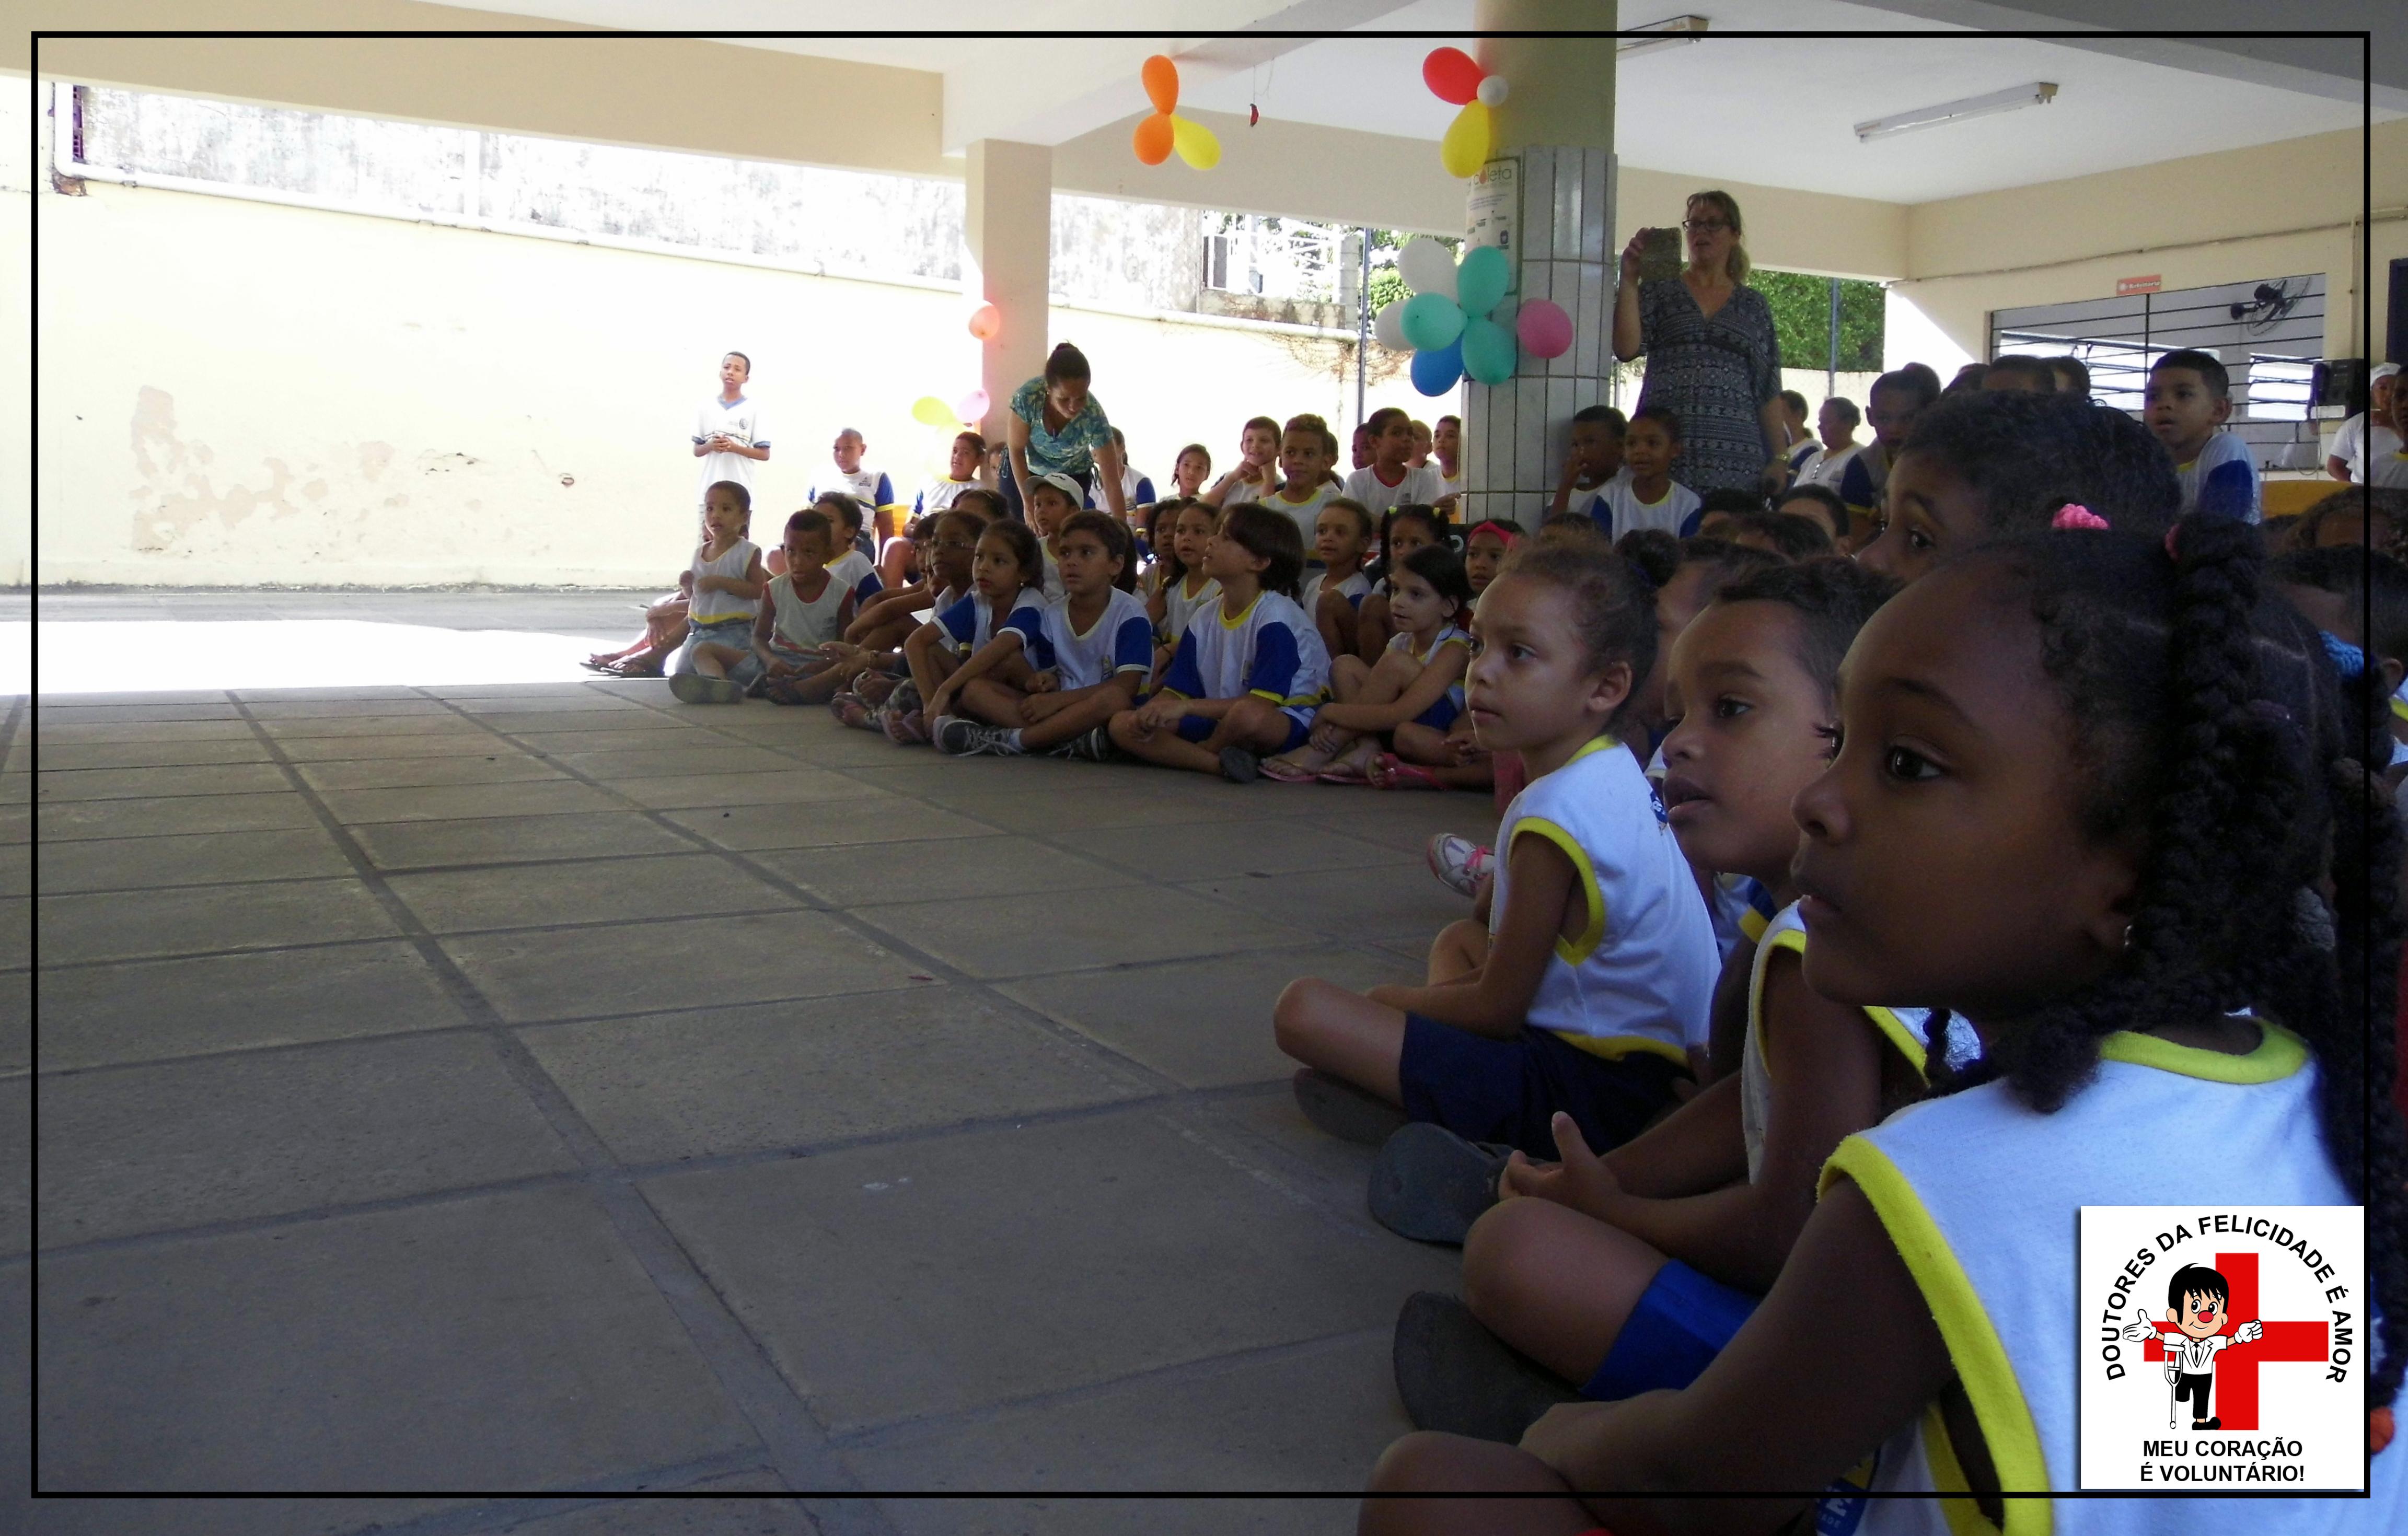 Crianças da Escola assistida